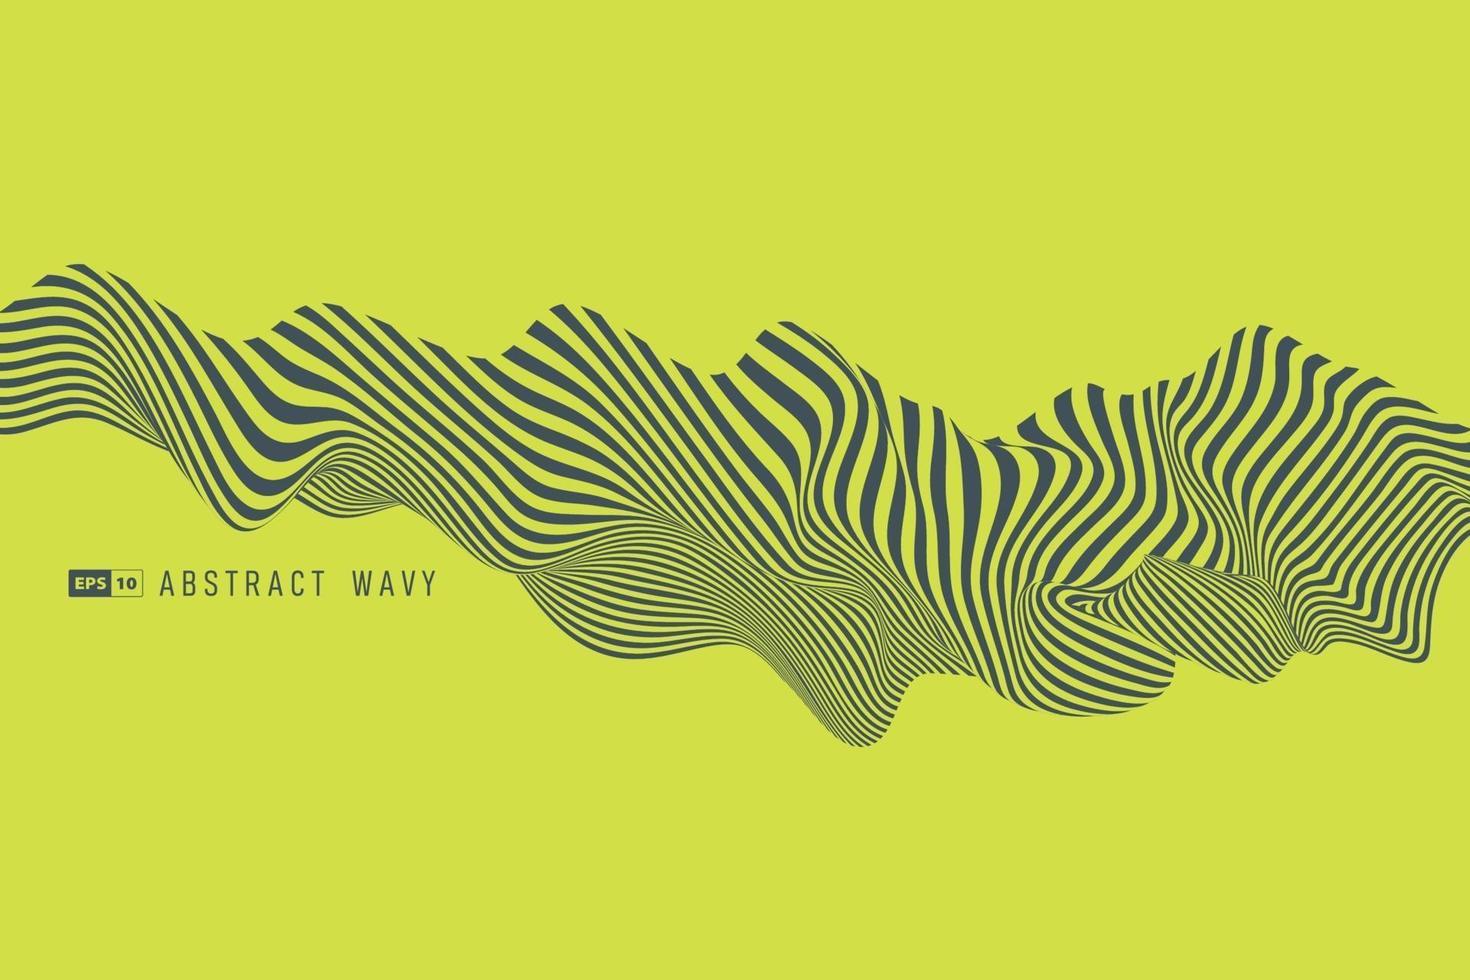 abstrato moderno padrão ondulado verde arte finala do projeto. ilustração vetorial eps10 vetor